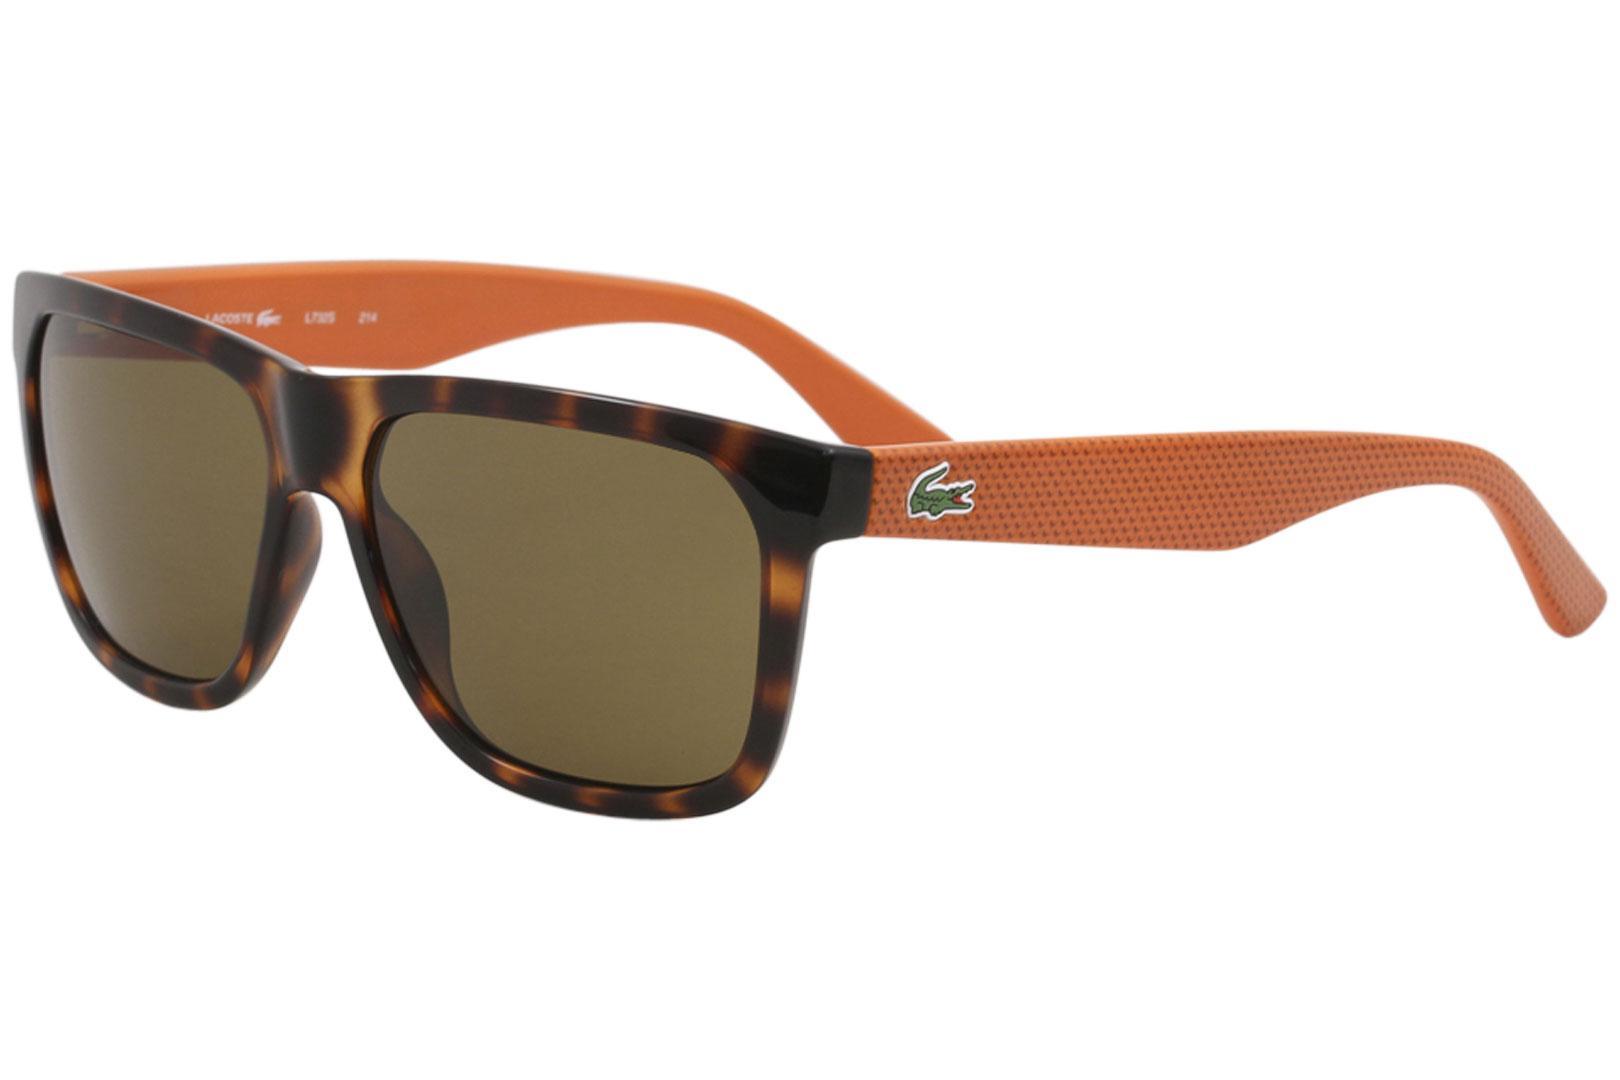 a6c6bebf8184 Lacoste Men s L732S L 732 S Fashion Square Sunglasses by Lacoste